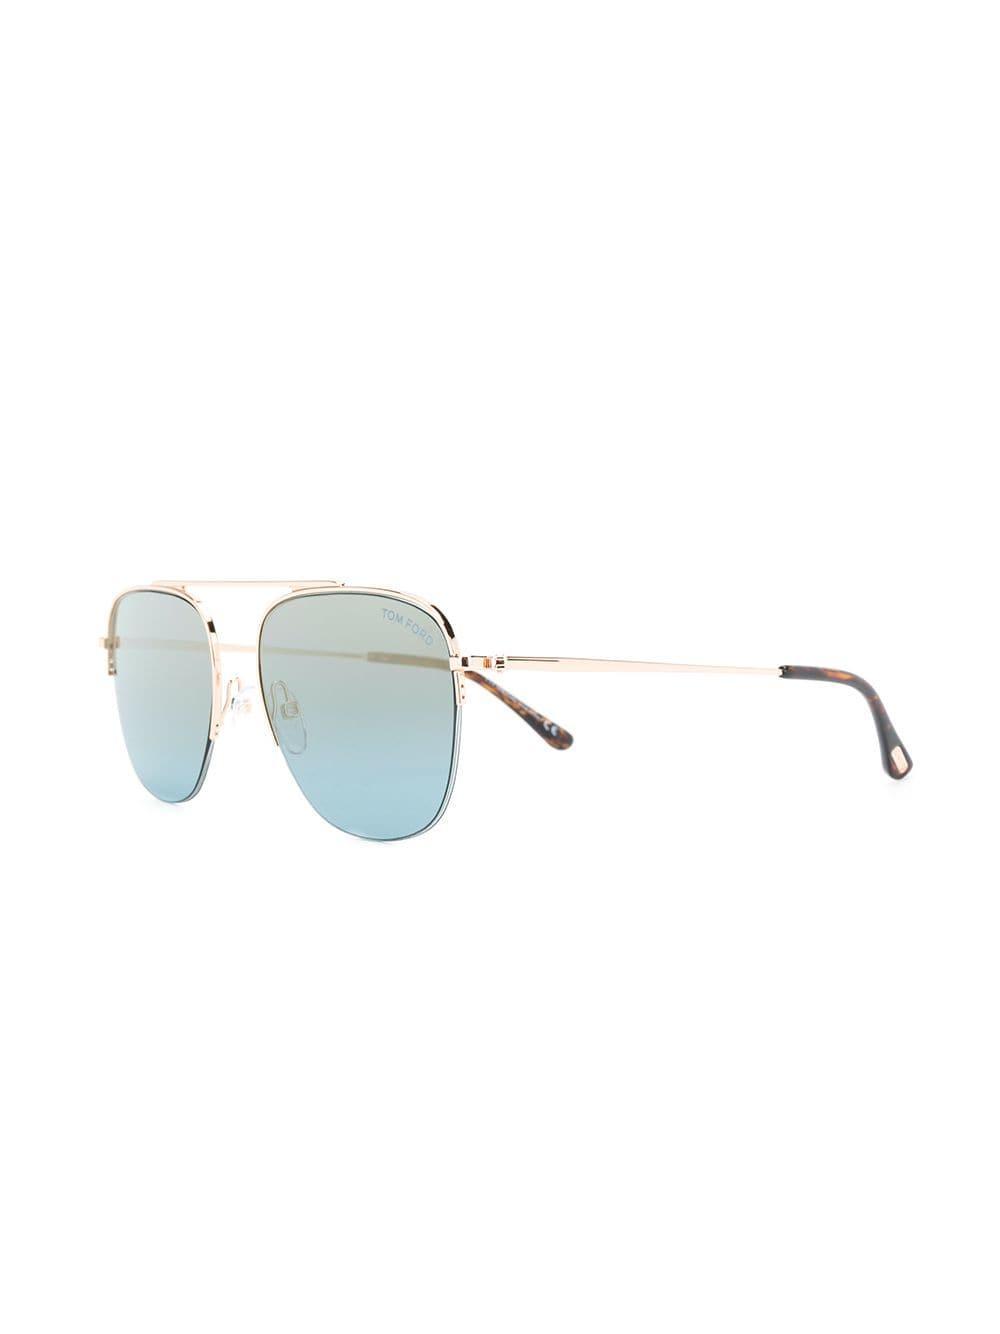 d0a7c098fd8 Tom Ford Abott Sunglasses in Blue for Men - Lyst